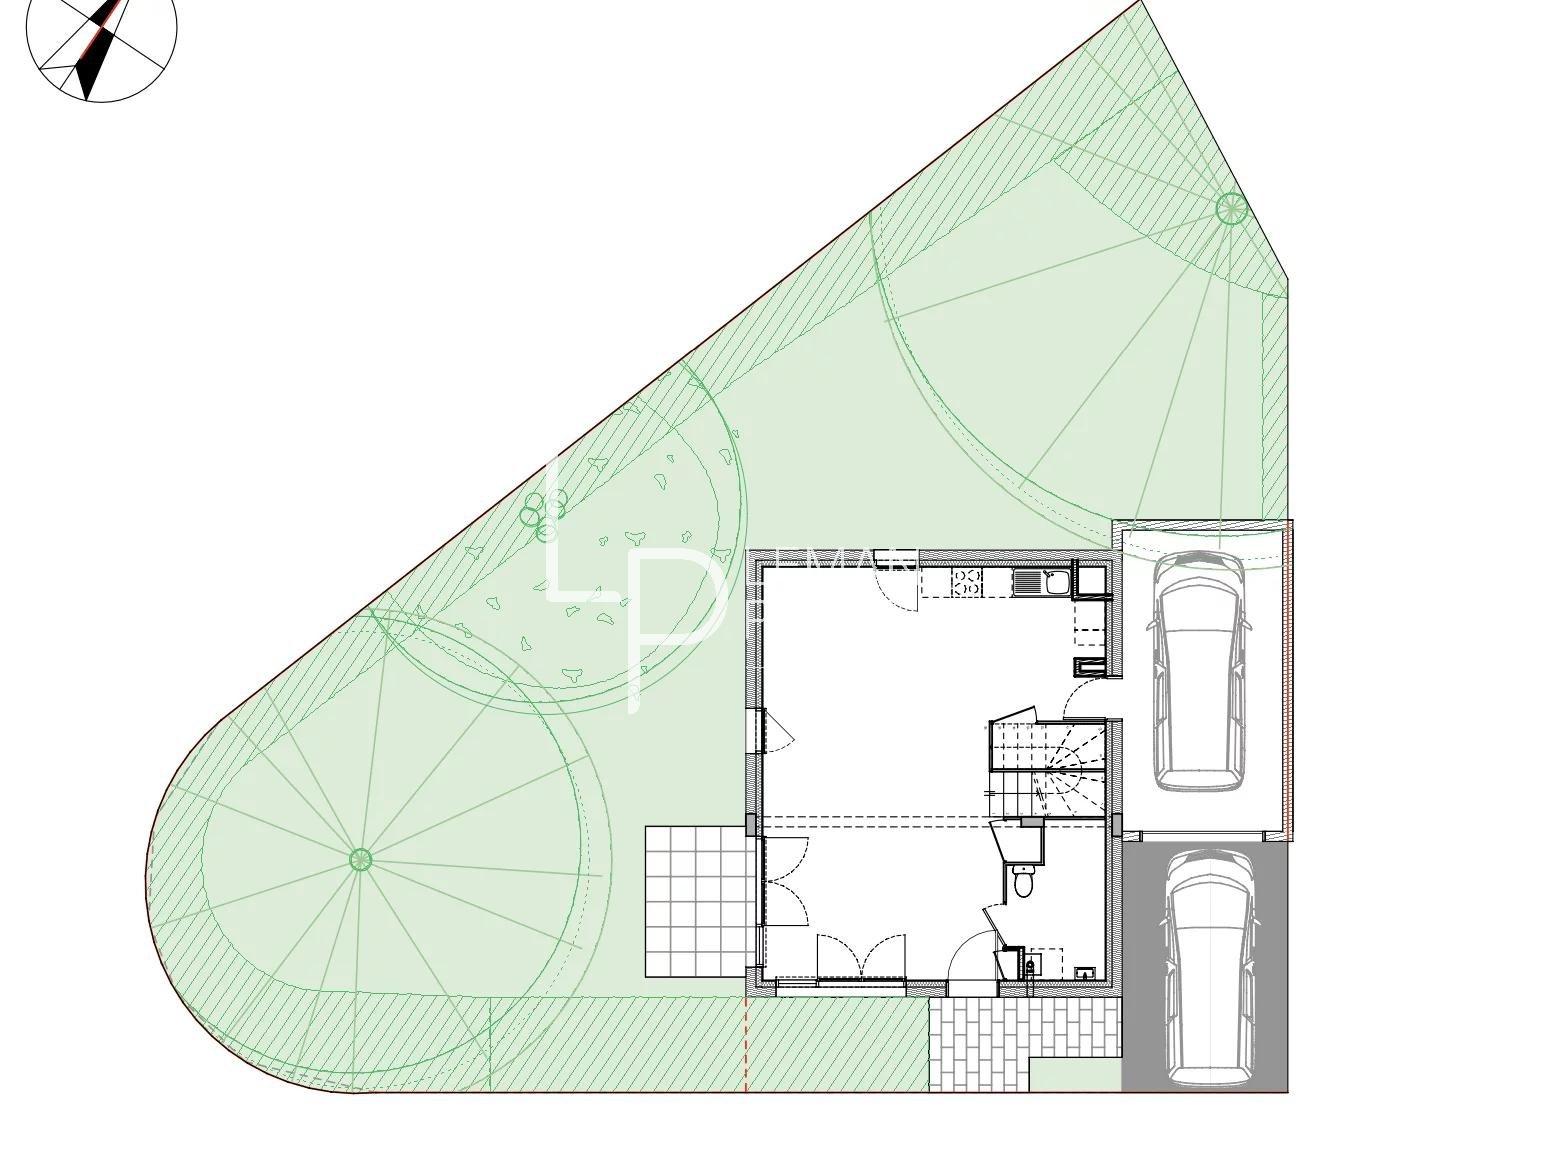 Vente de appartement d'une surface de 103.17 m2